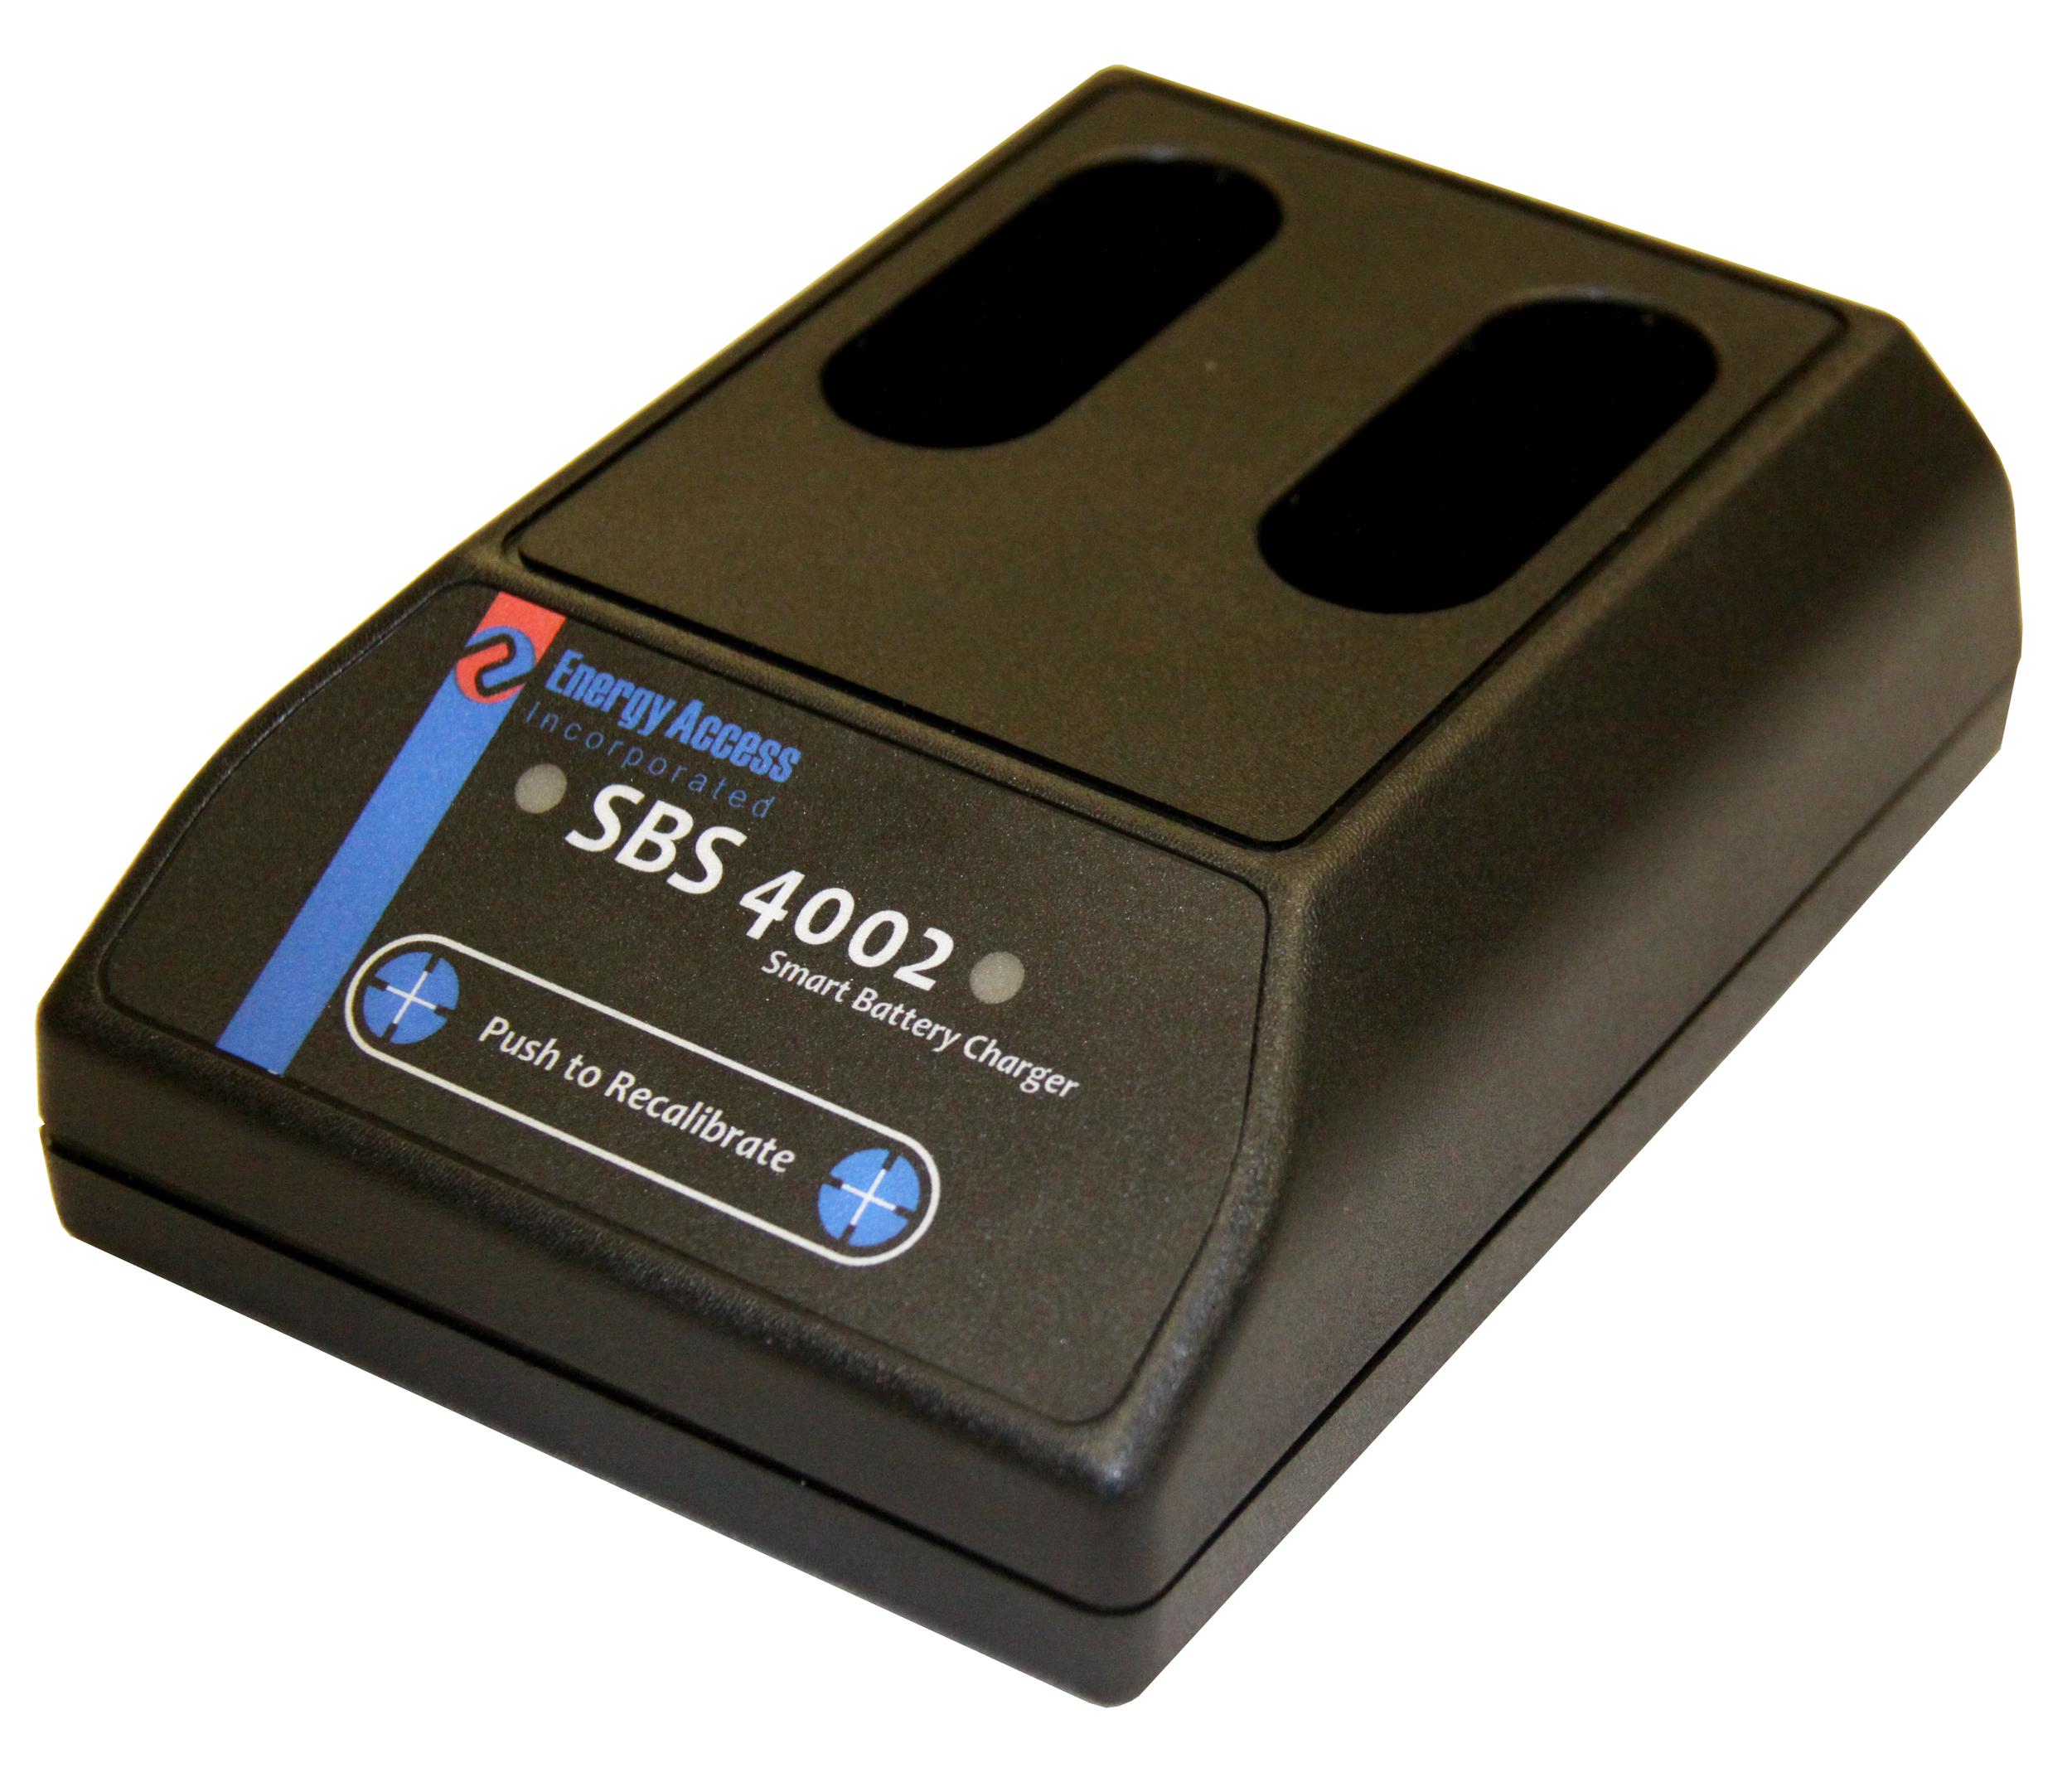 SBS-4002.jpg